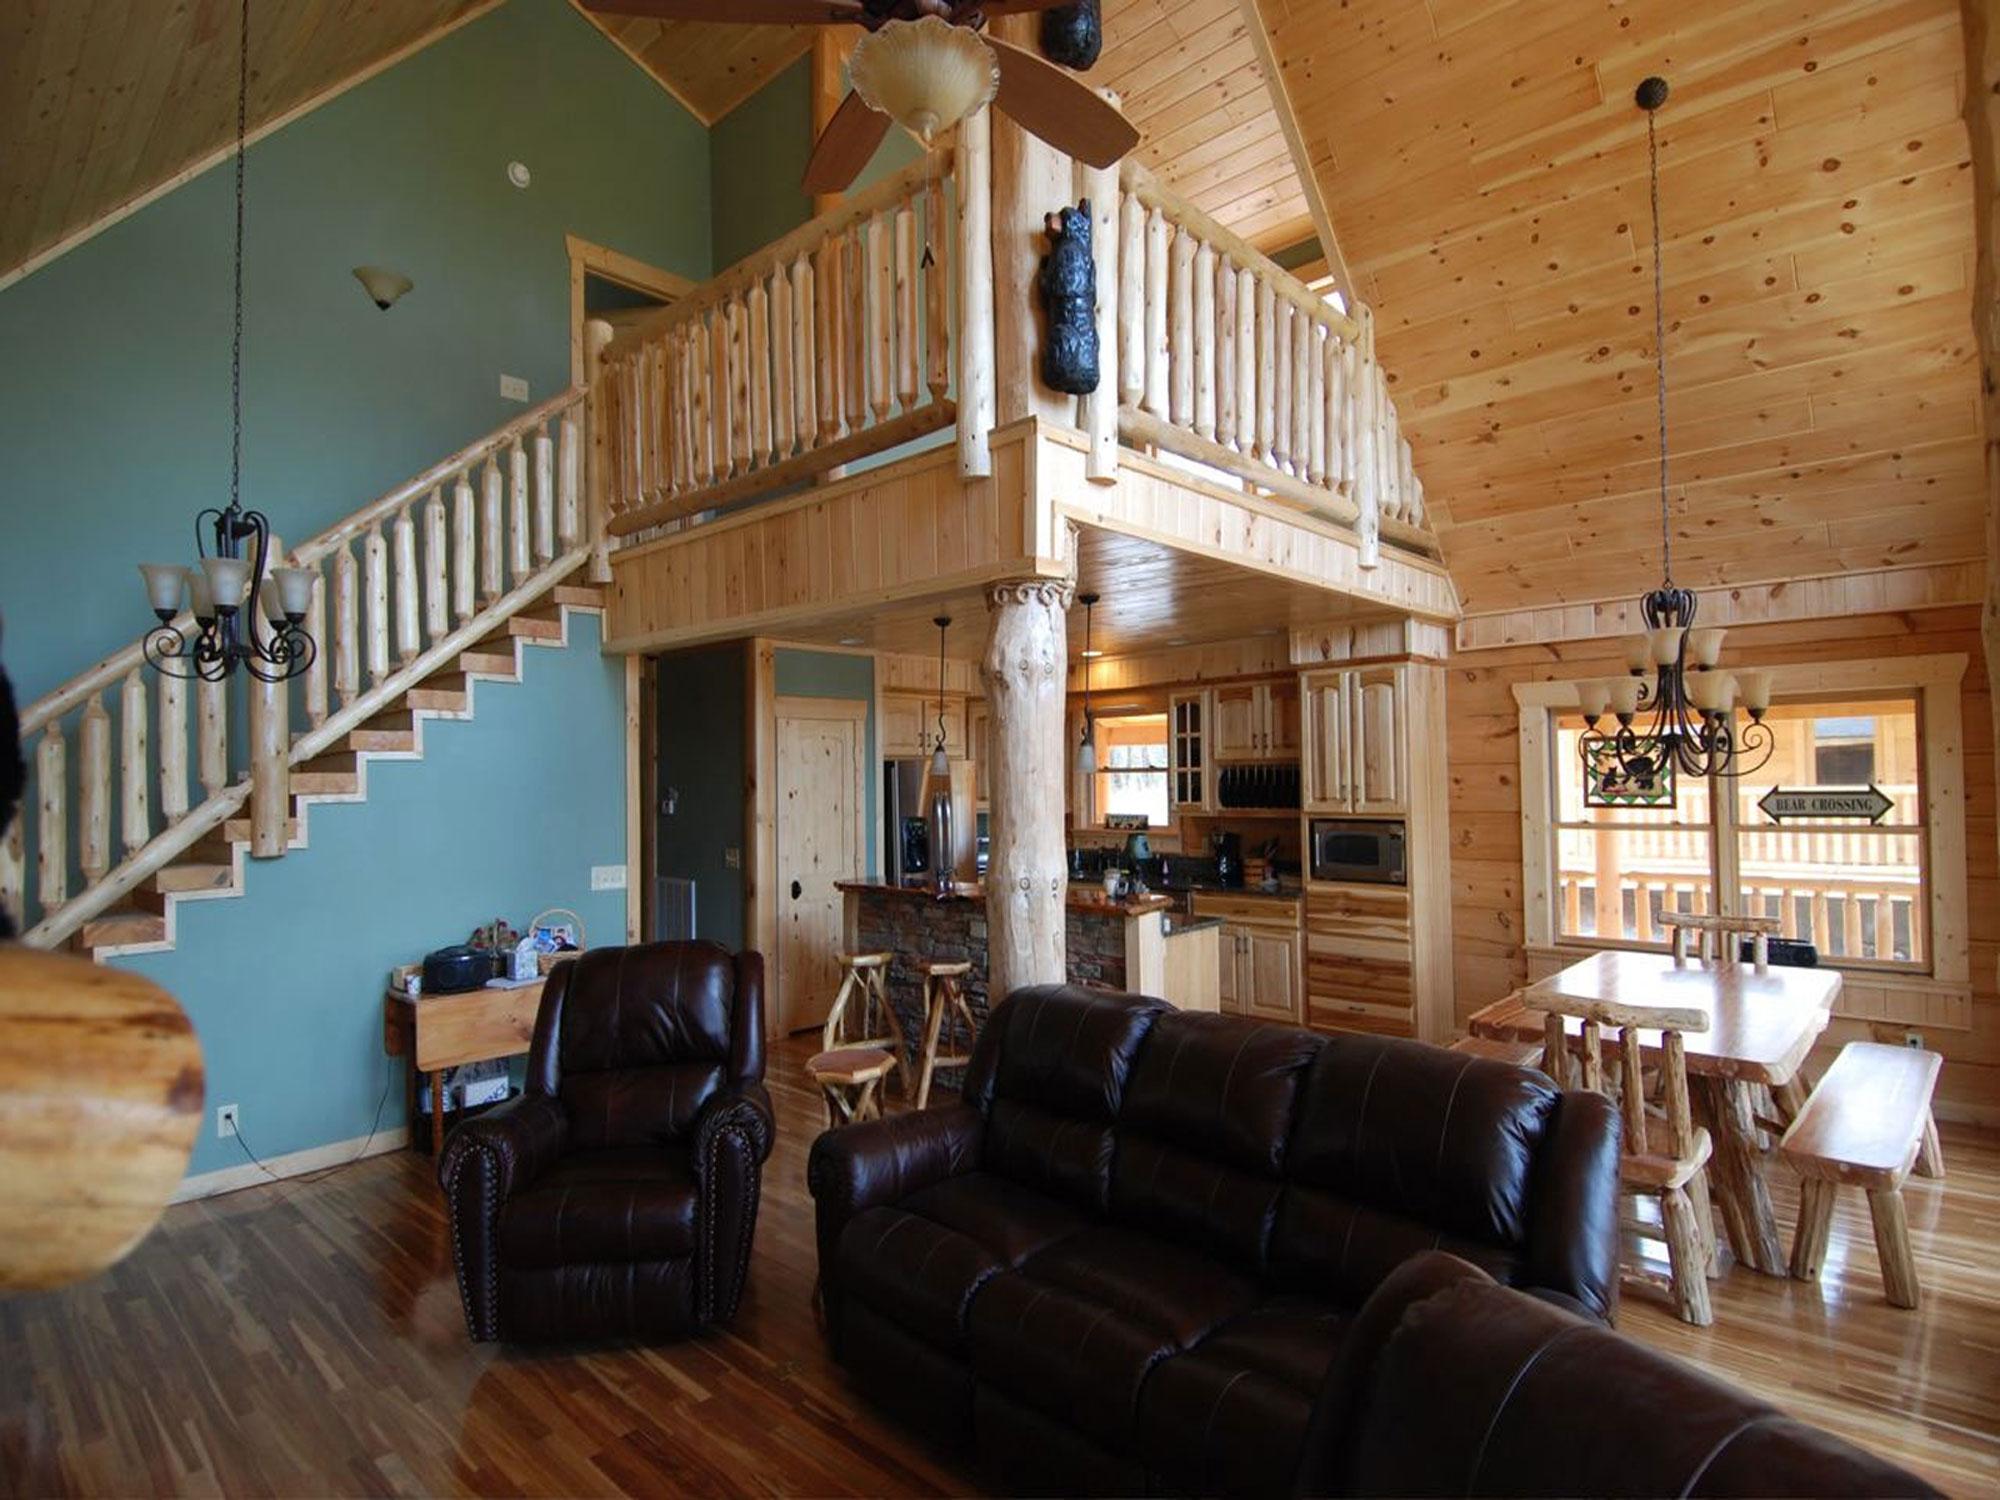 Wholesale Log Homes & Affordable Log Homes, Affordable Log Cabin Kits